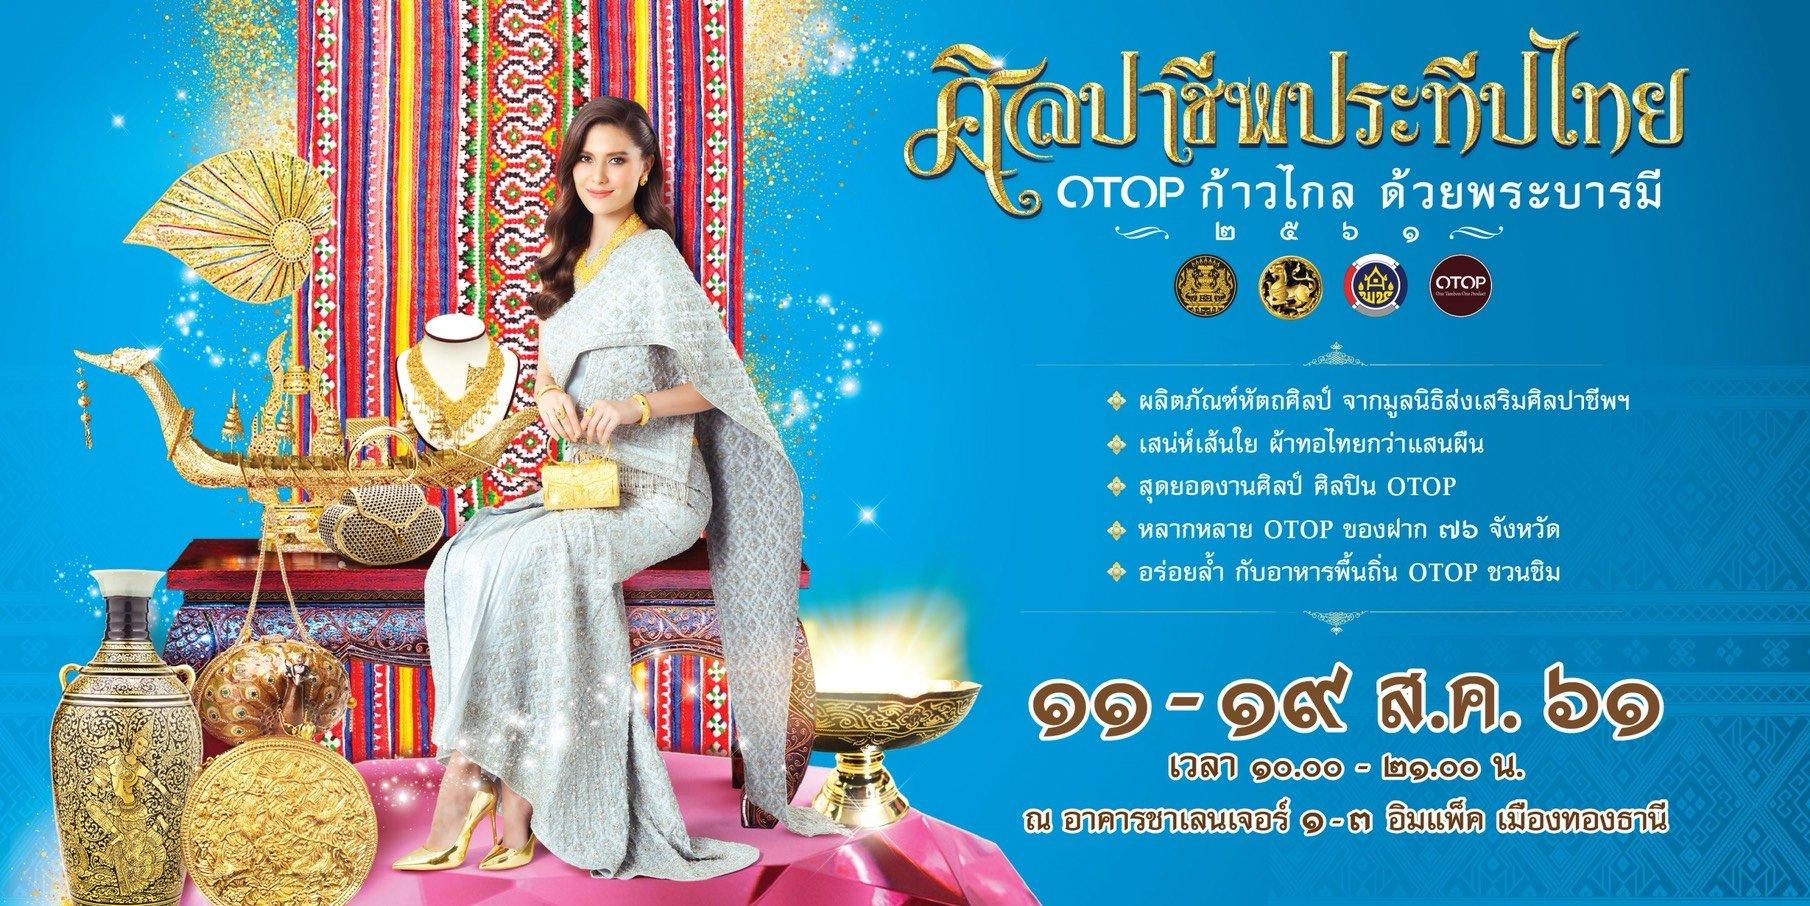 """""""มหกรรมผ้าไทยสุดยิ่งใหญ่ อลังการแห่งปี ศิลปาชีพประทีปไทย OTOP ก้าวไกลด้วยพระบารมี 2561"""" 2 -"""